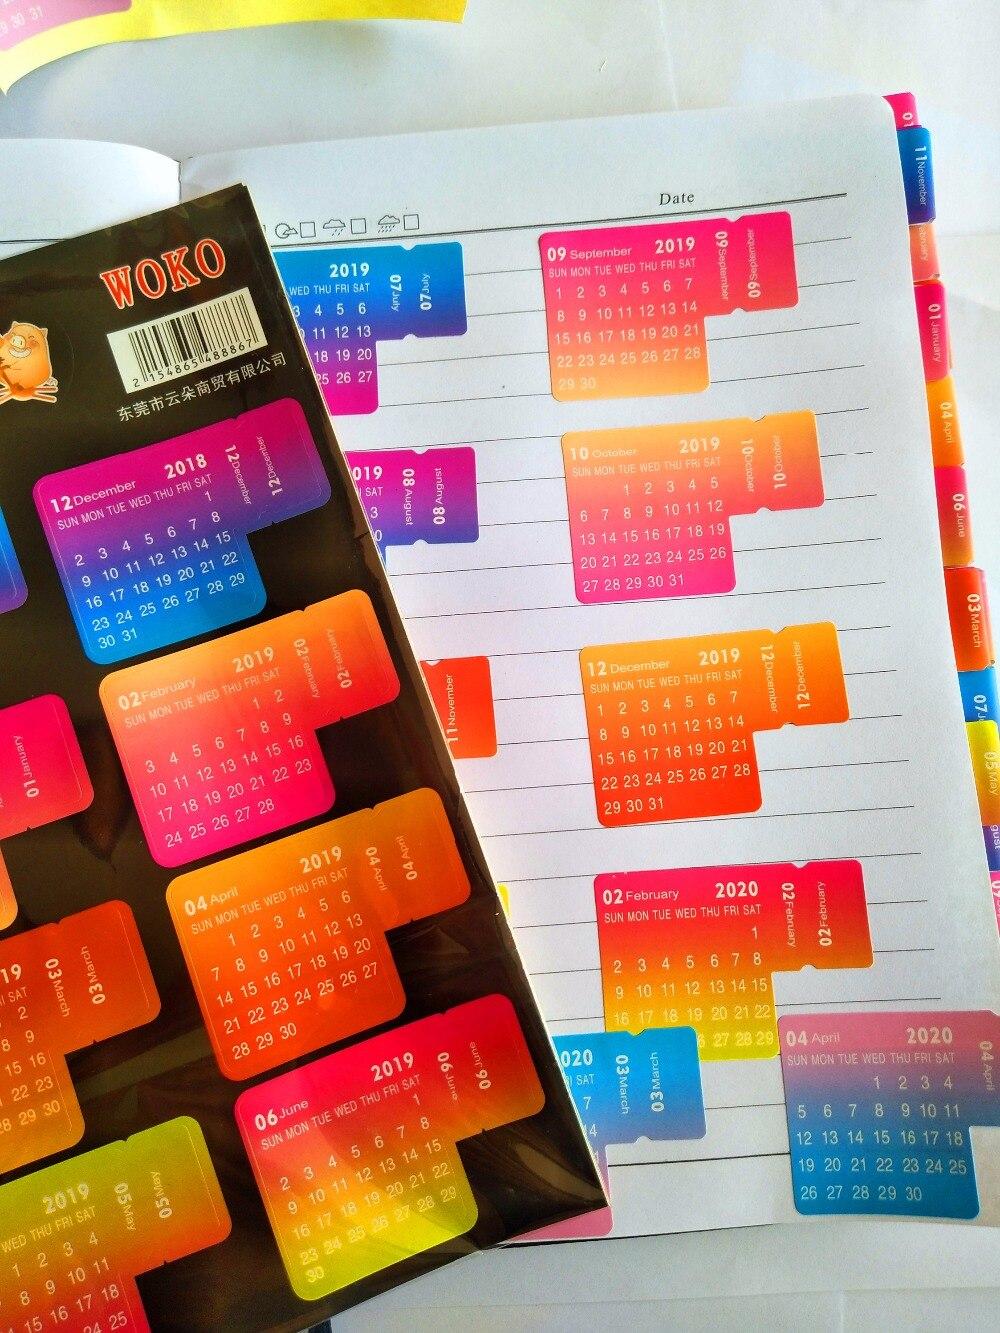 Kalender Kalender, Planer Und Karten 5 Arten 2019 Neue Jahr Bunten Kalender Aufkleber Diy Dekorative Journal Für Tagebuch Planer Notebooks Schreibwaren Kalender Aufkleber Schrumpffrei